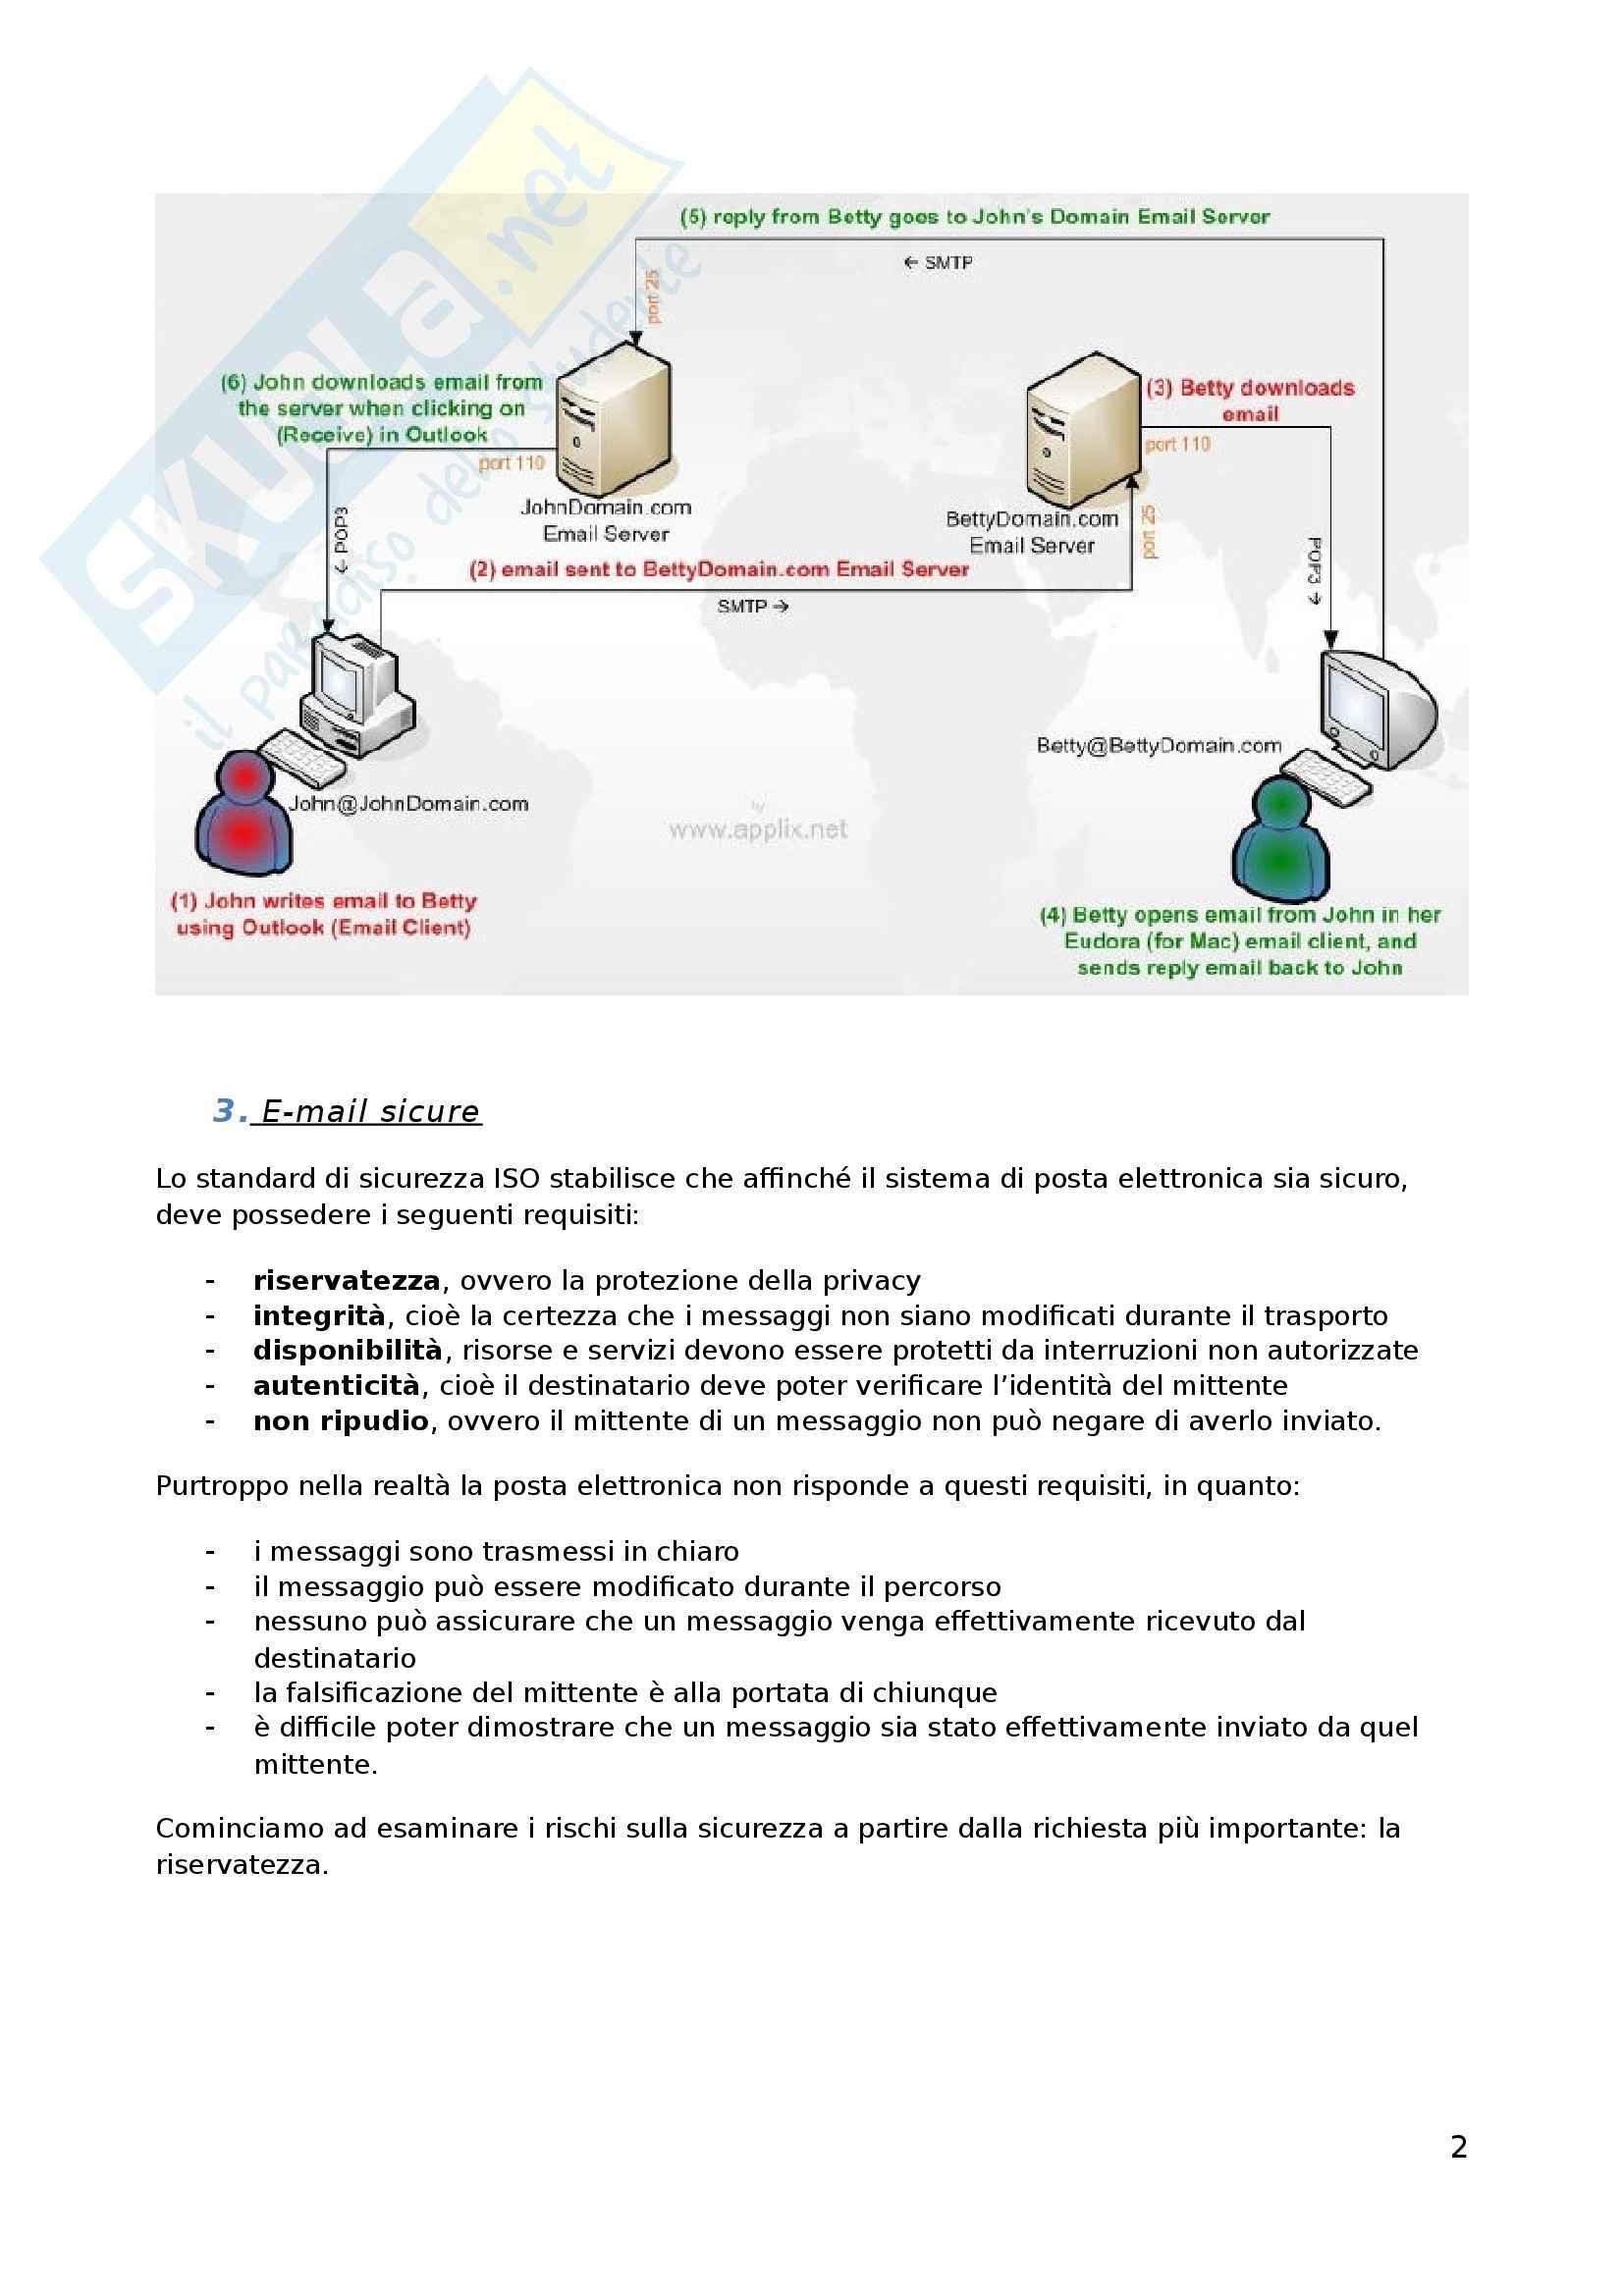 Sicurezza della Posta Elettronica - Appunti Pag. 2